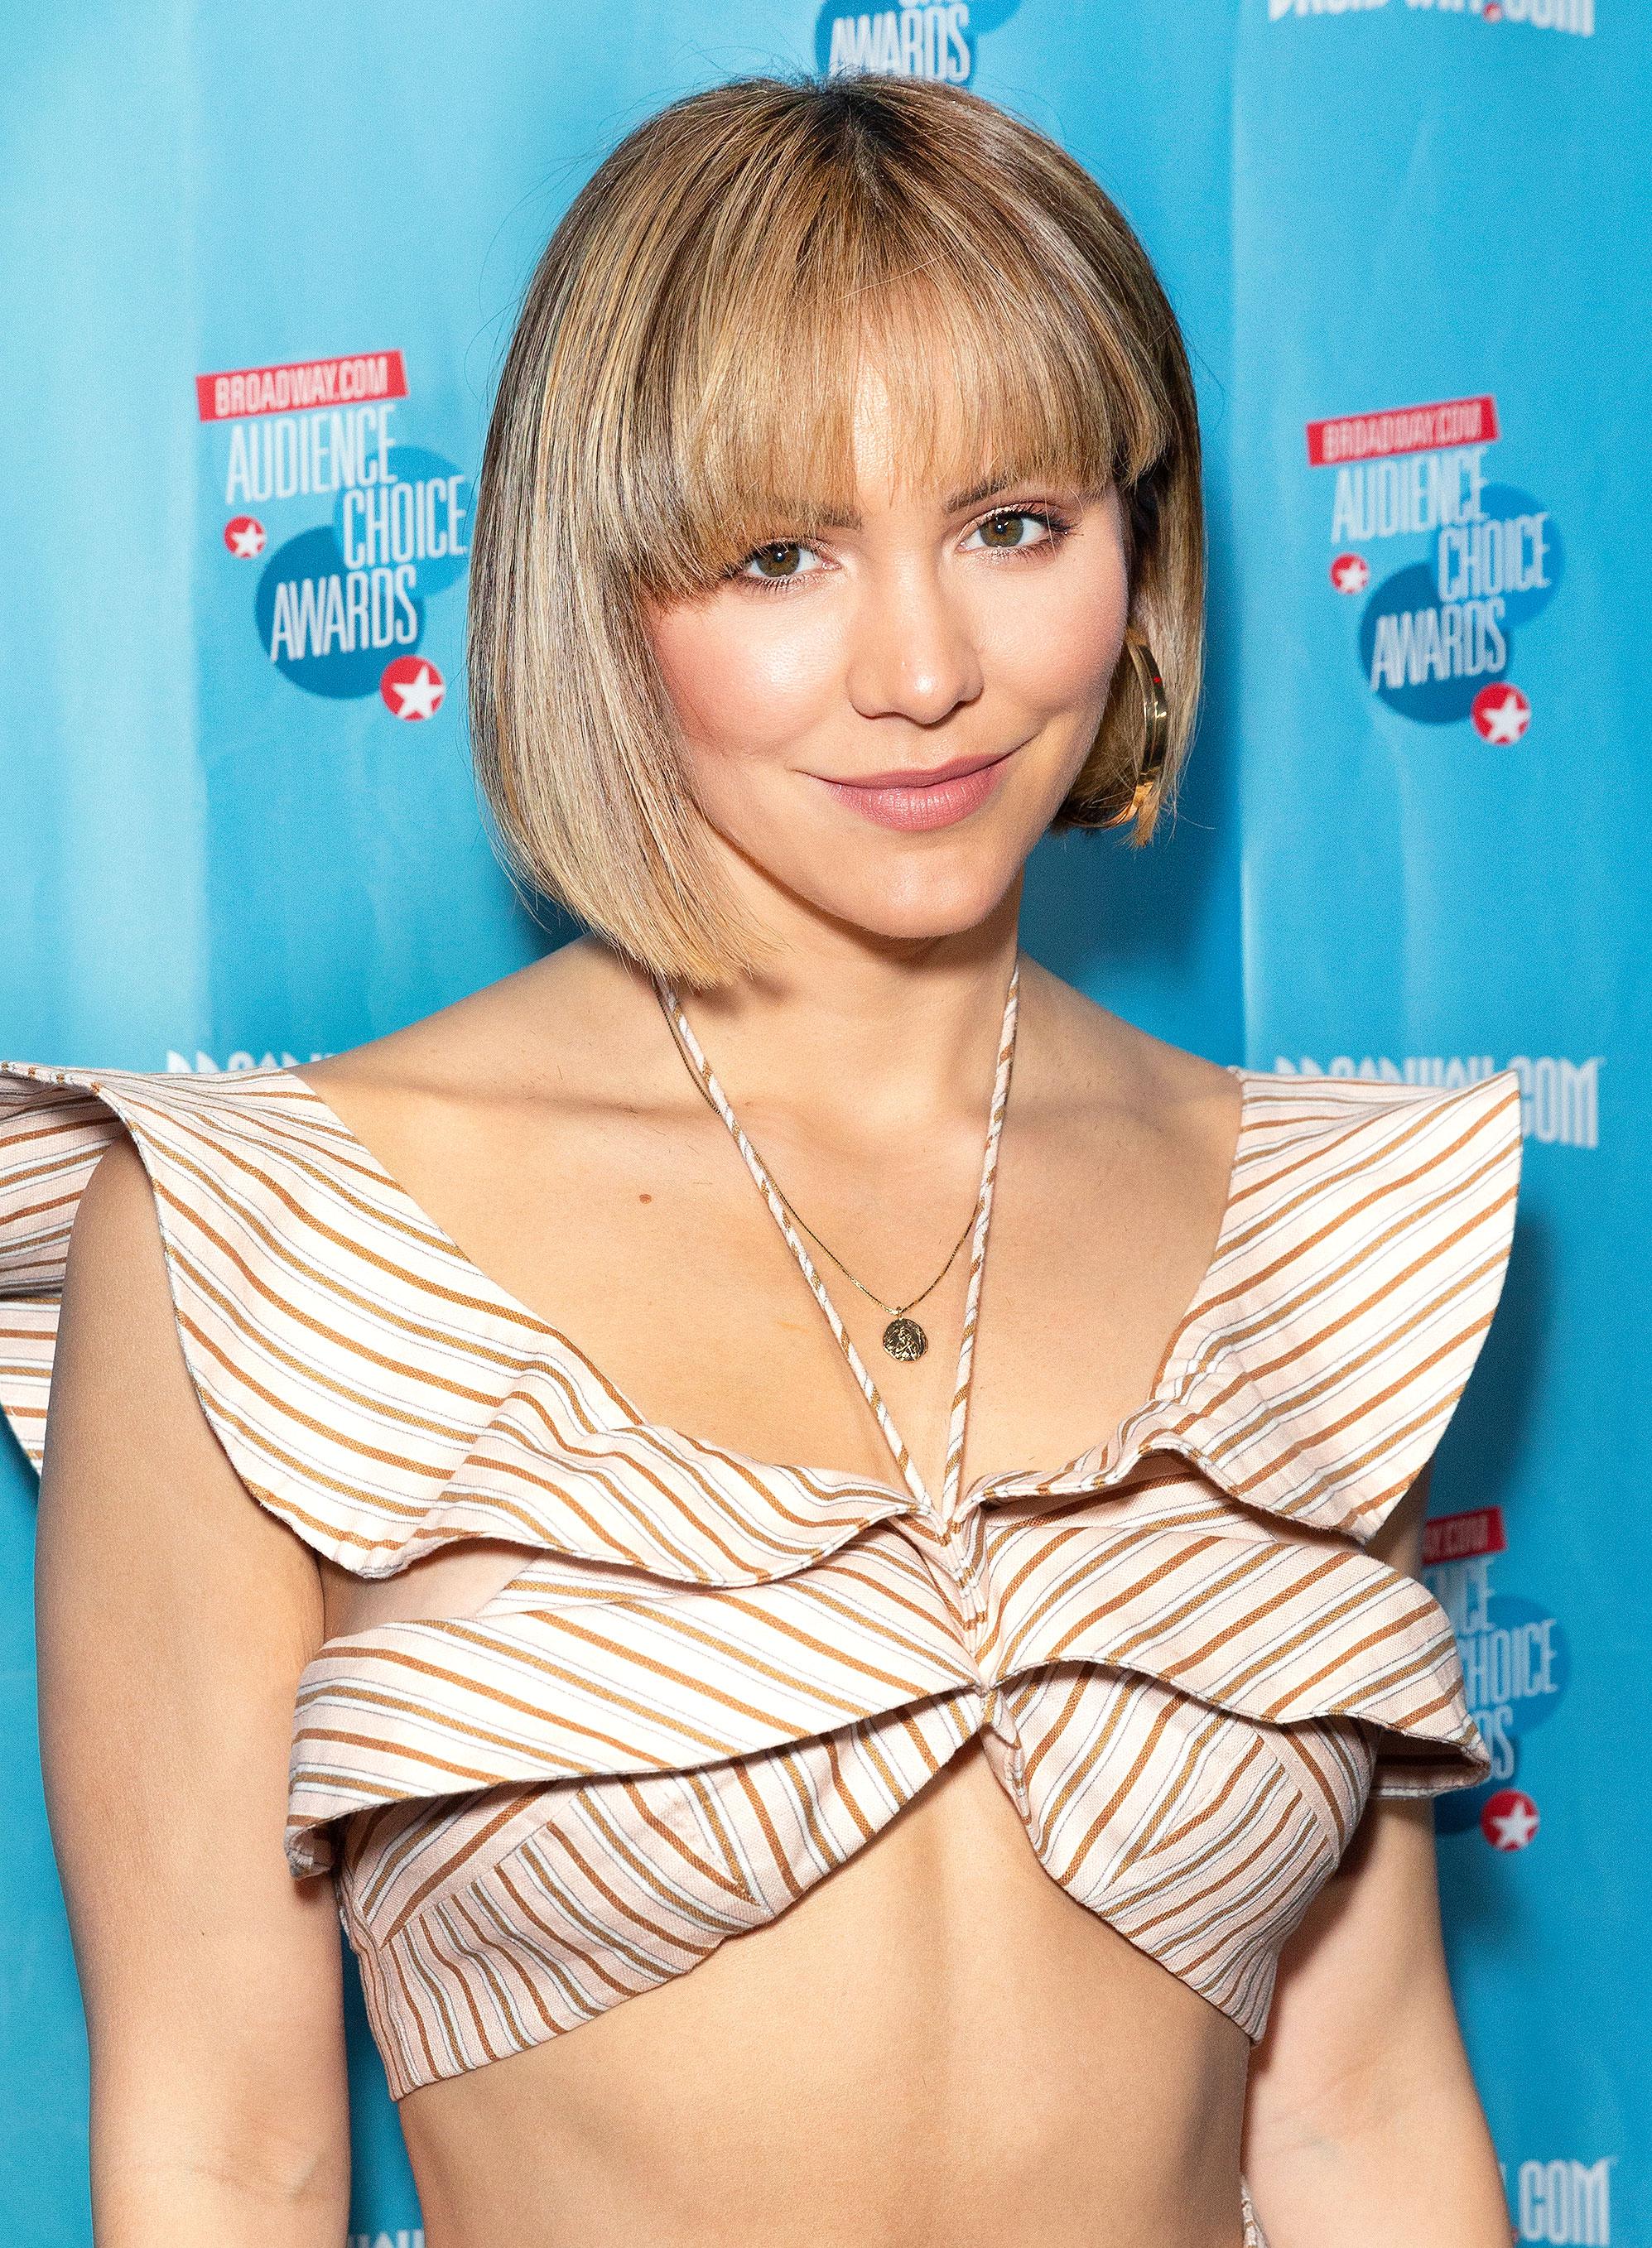 Hairstyles Short alert: katharine mcphees new look